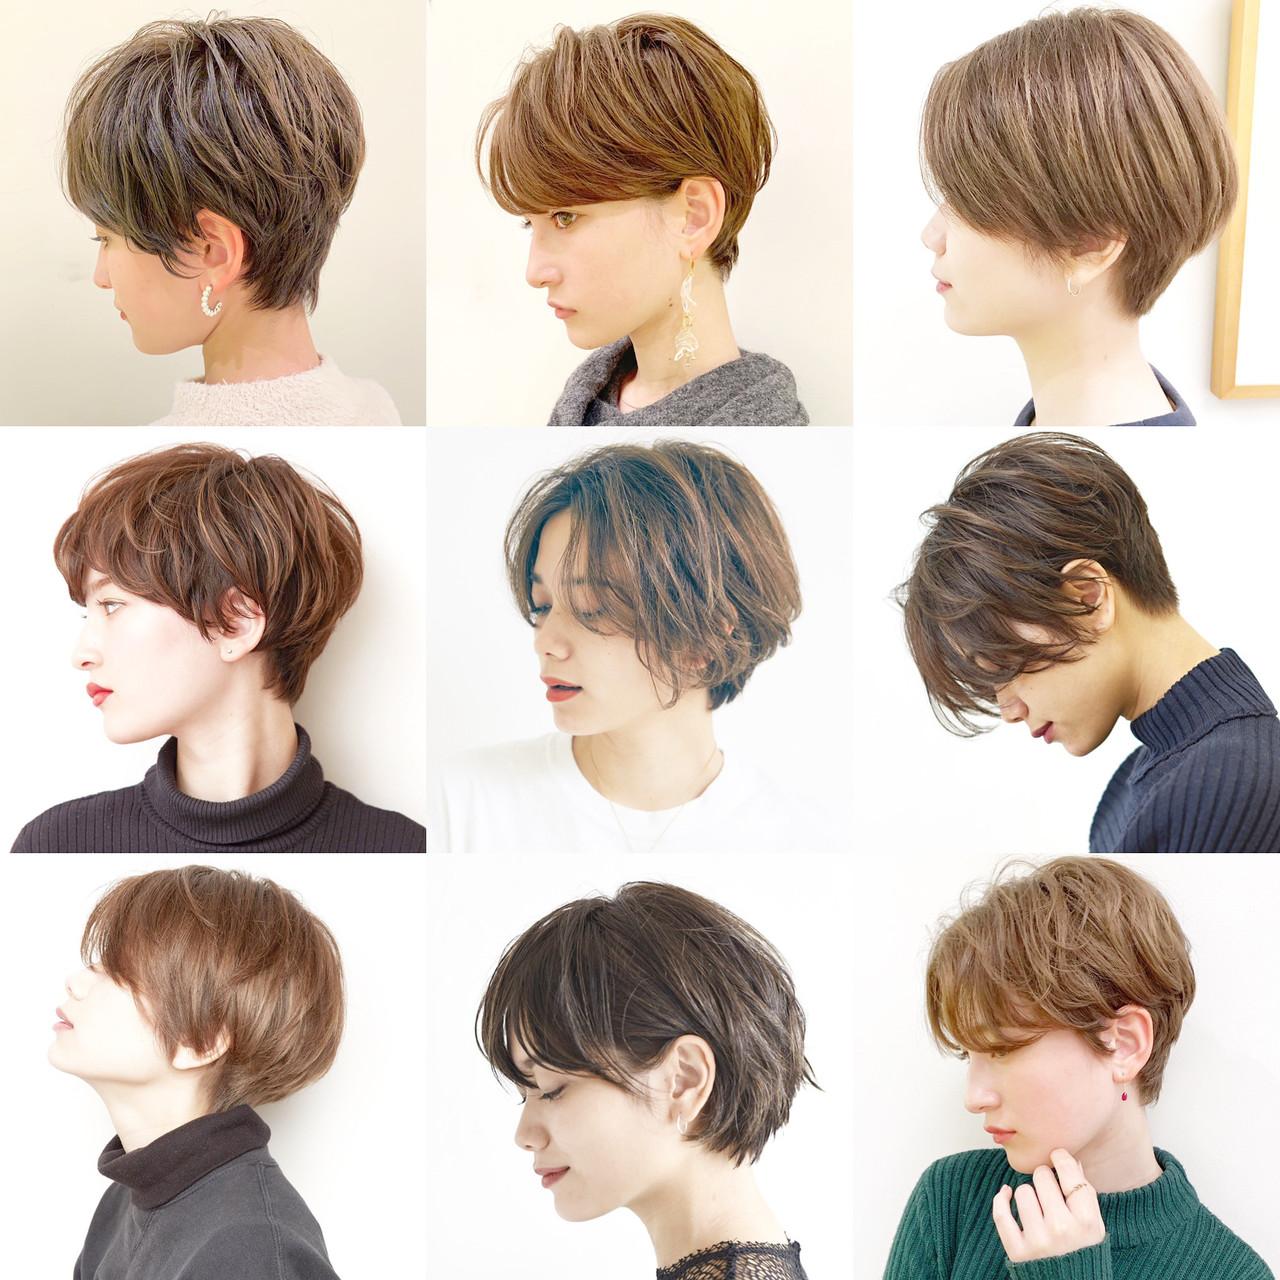 デート オフィス ショート パーマ ヘアスタイルや髪型の写真・画像